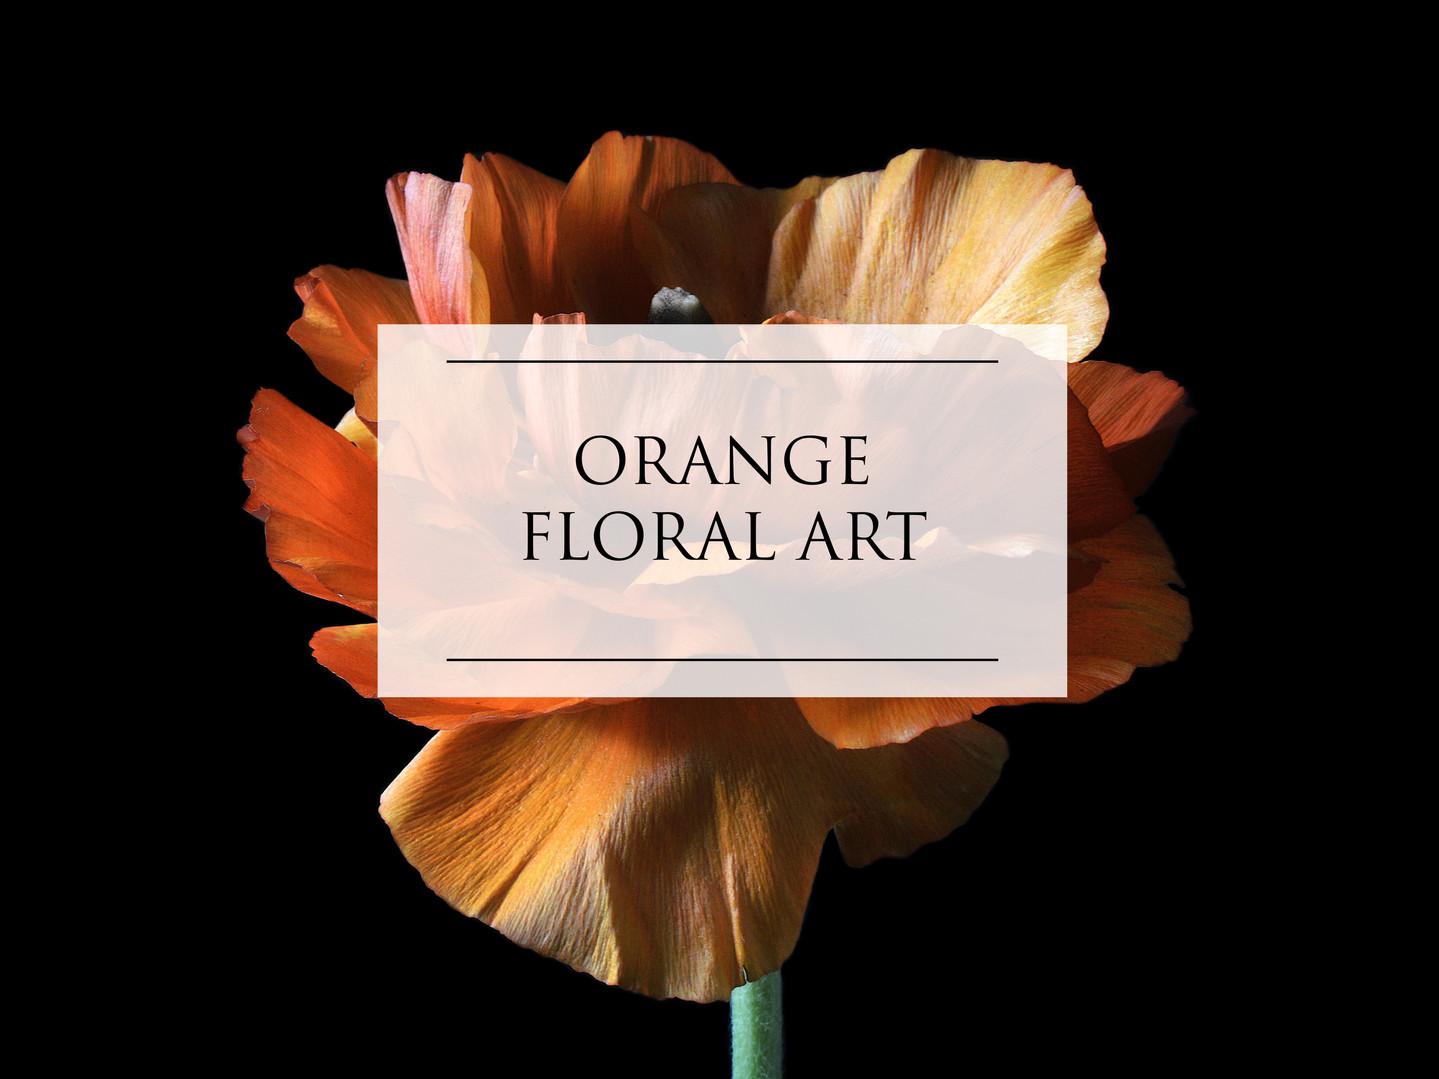 ORANGE FLORAL ART